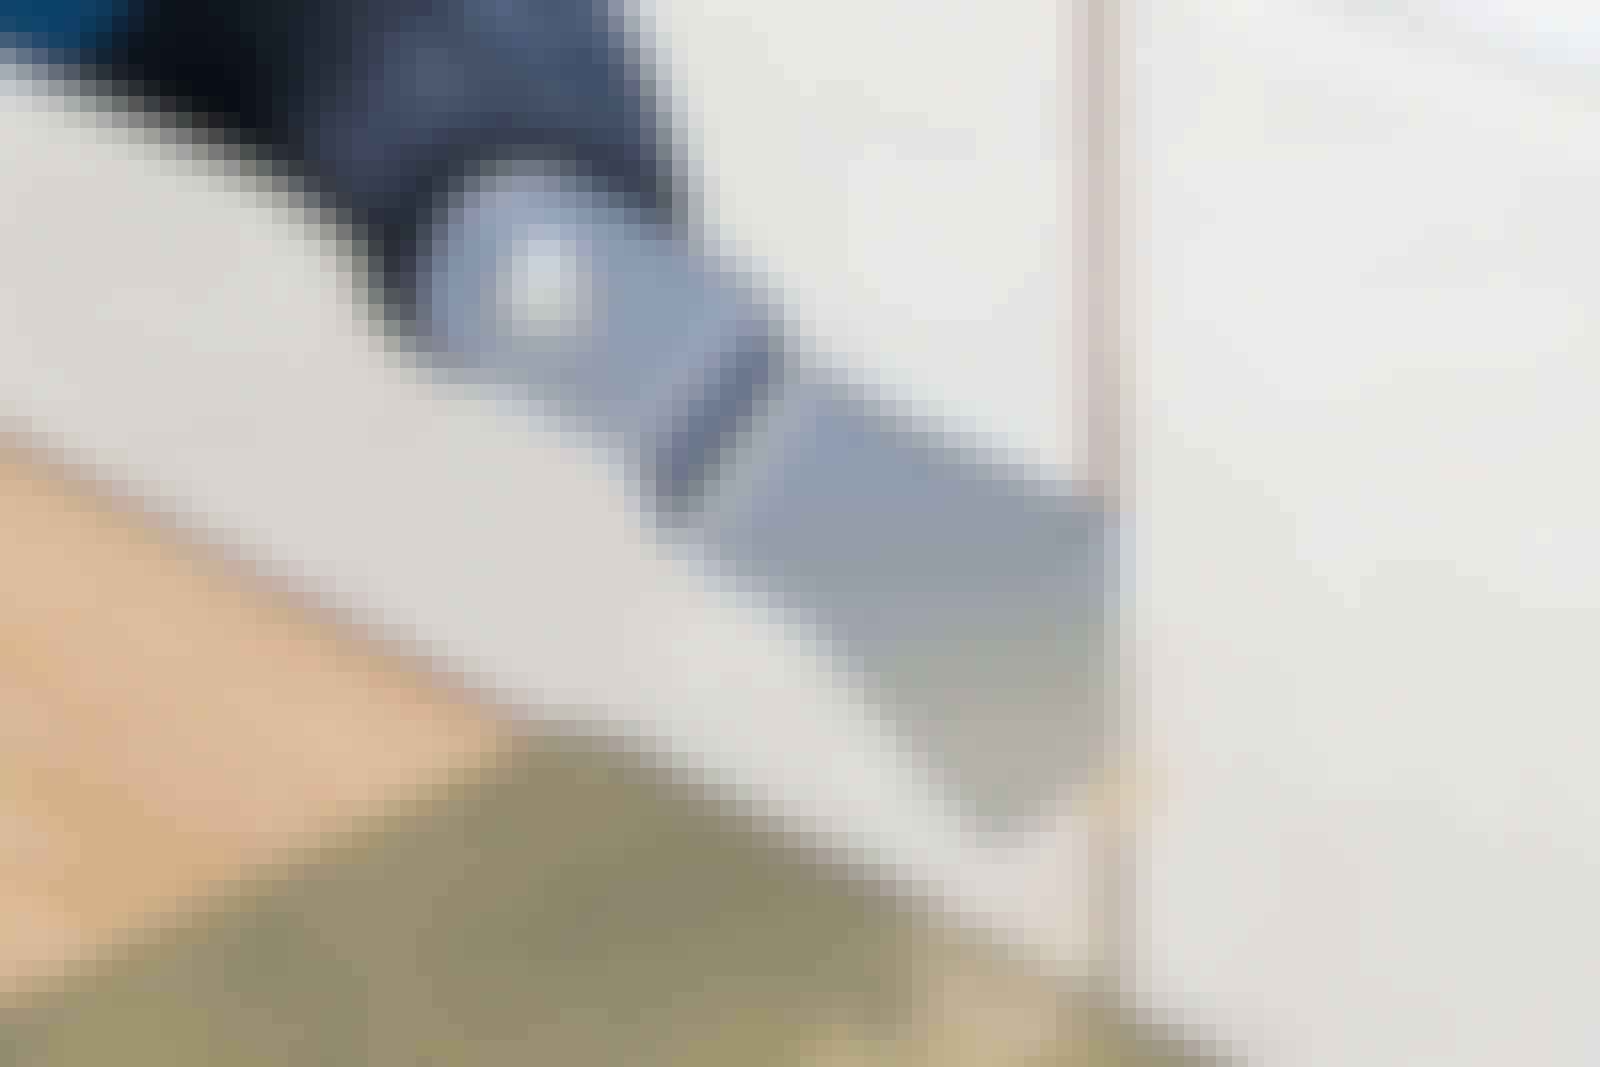 Monitoimityökalu: Suojaa huolellisesti: Peitä lattia, jotta multicutteri ei naarmuta pintaa